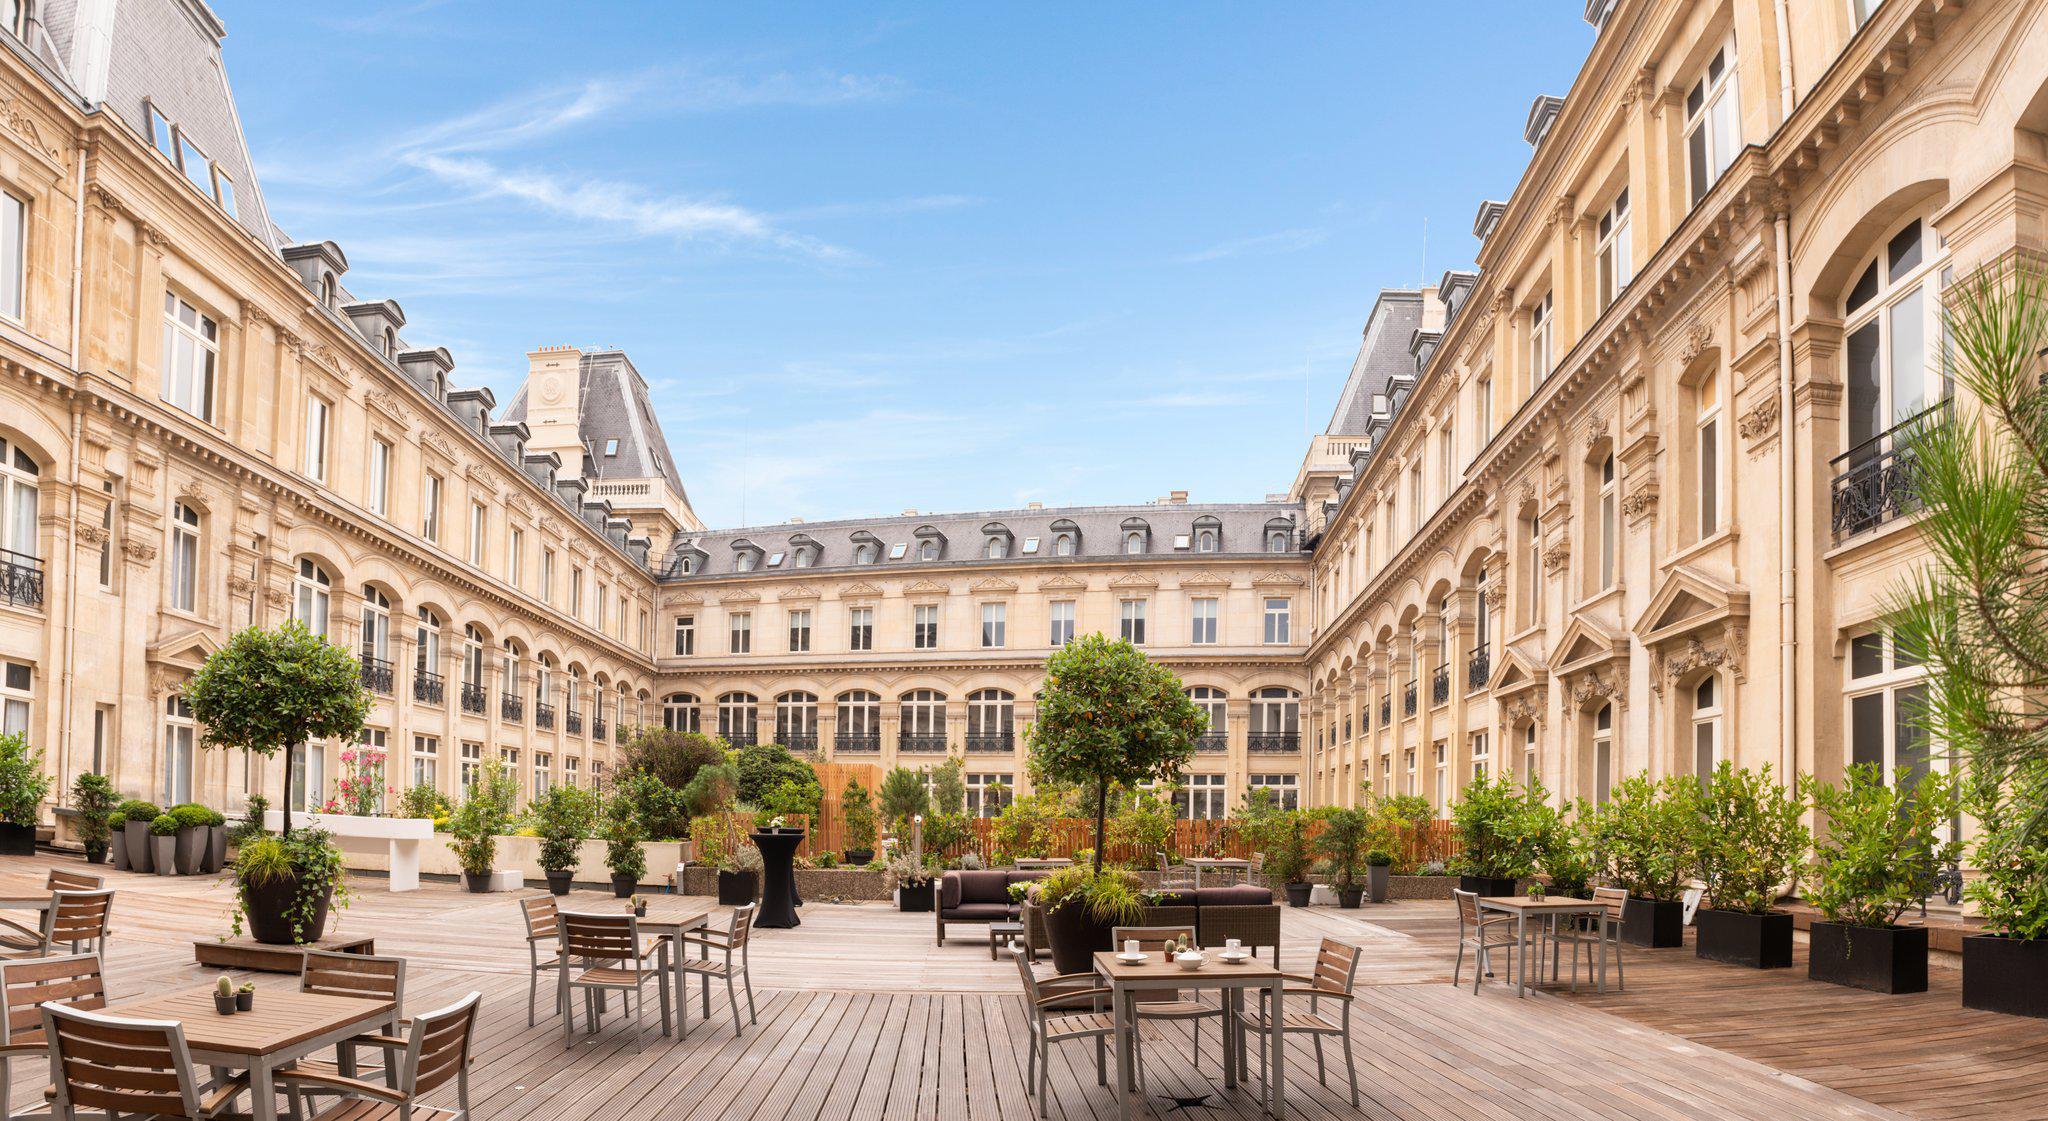 Crowne Plaza Paris - Republique, an IHG Hotel